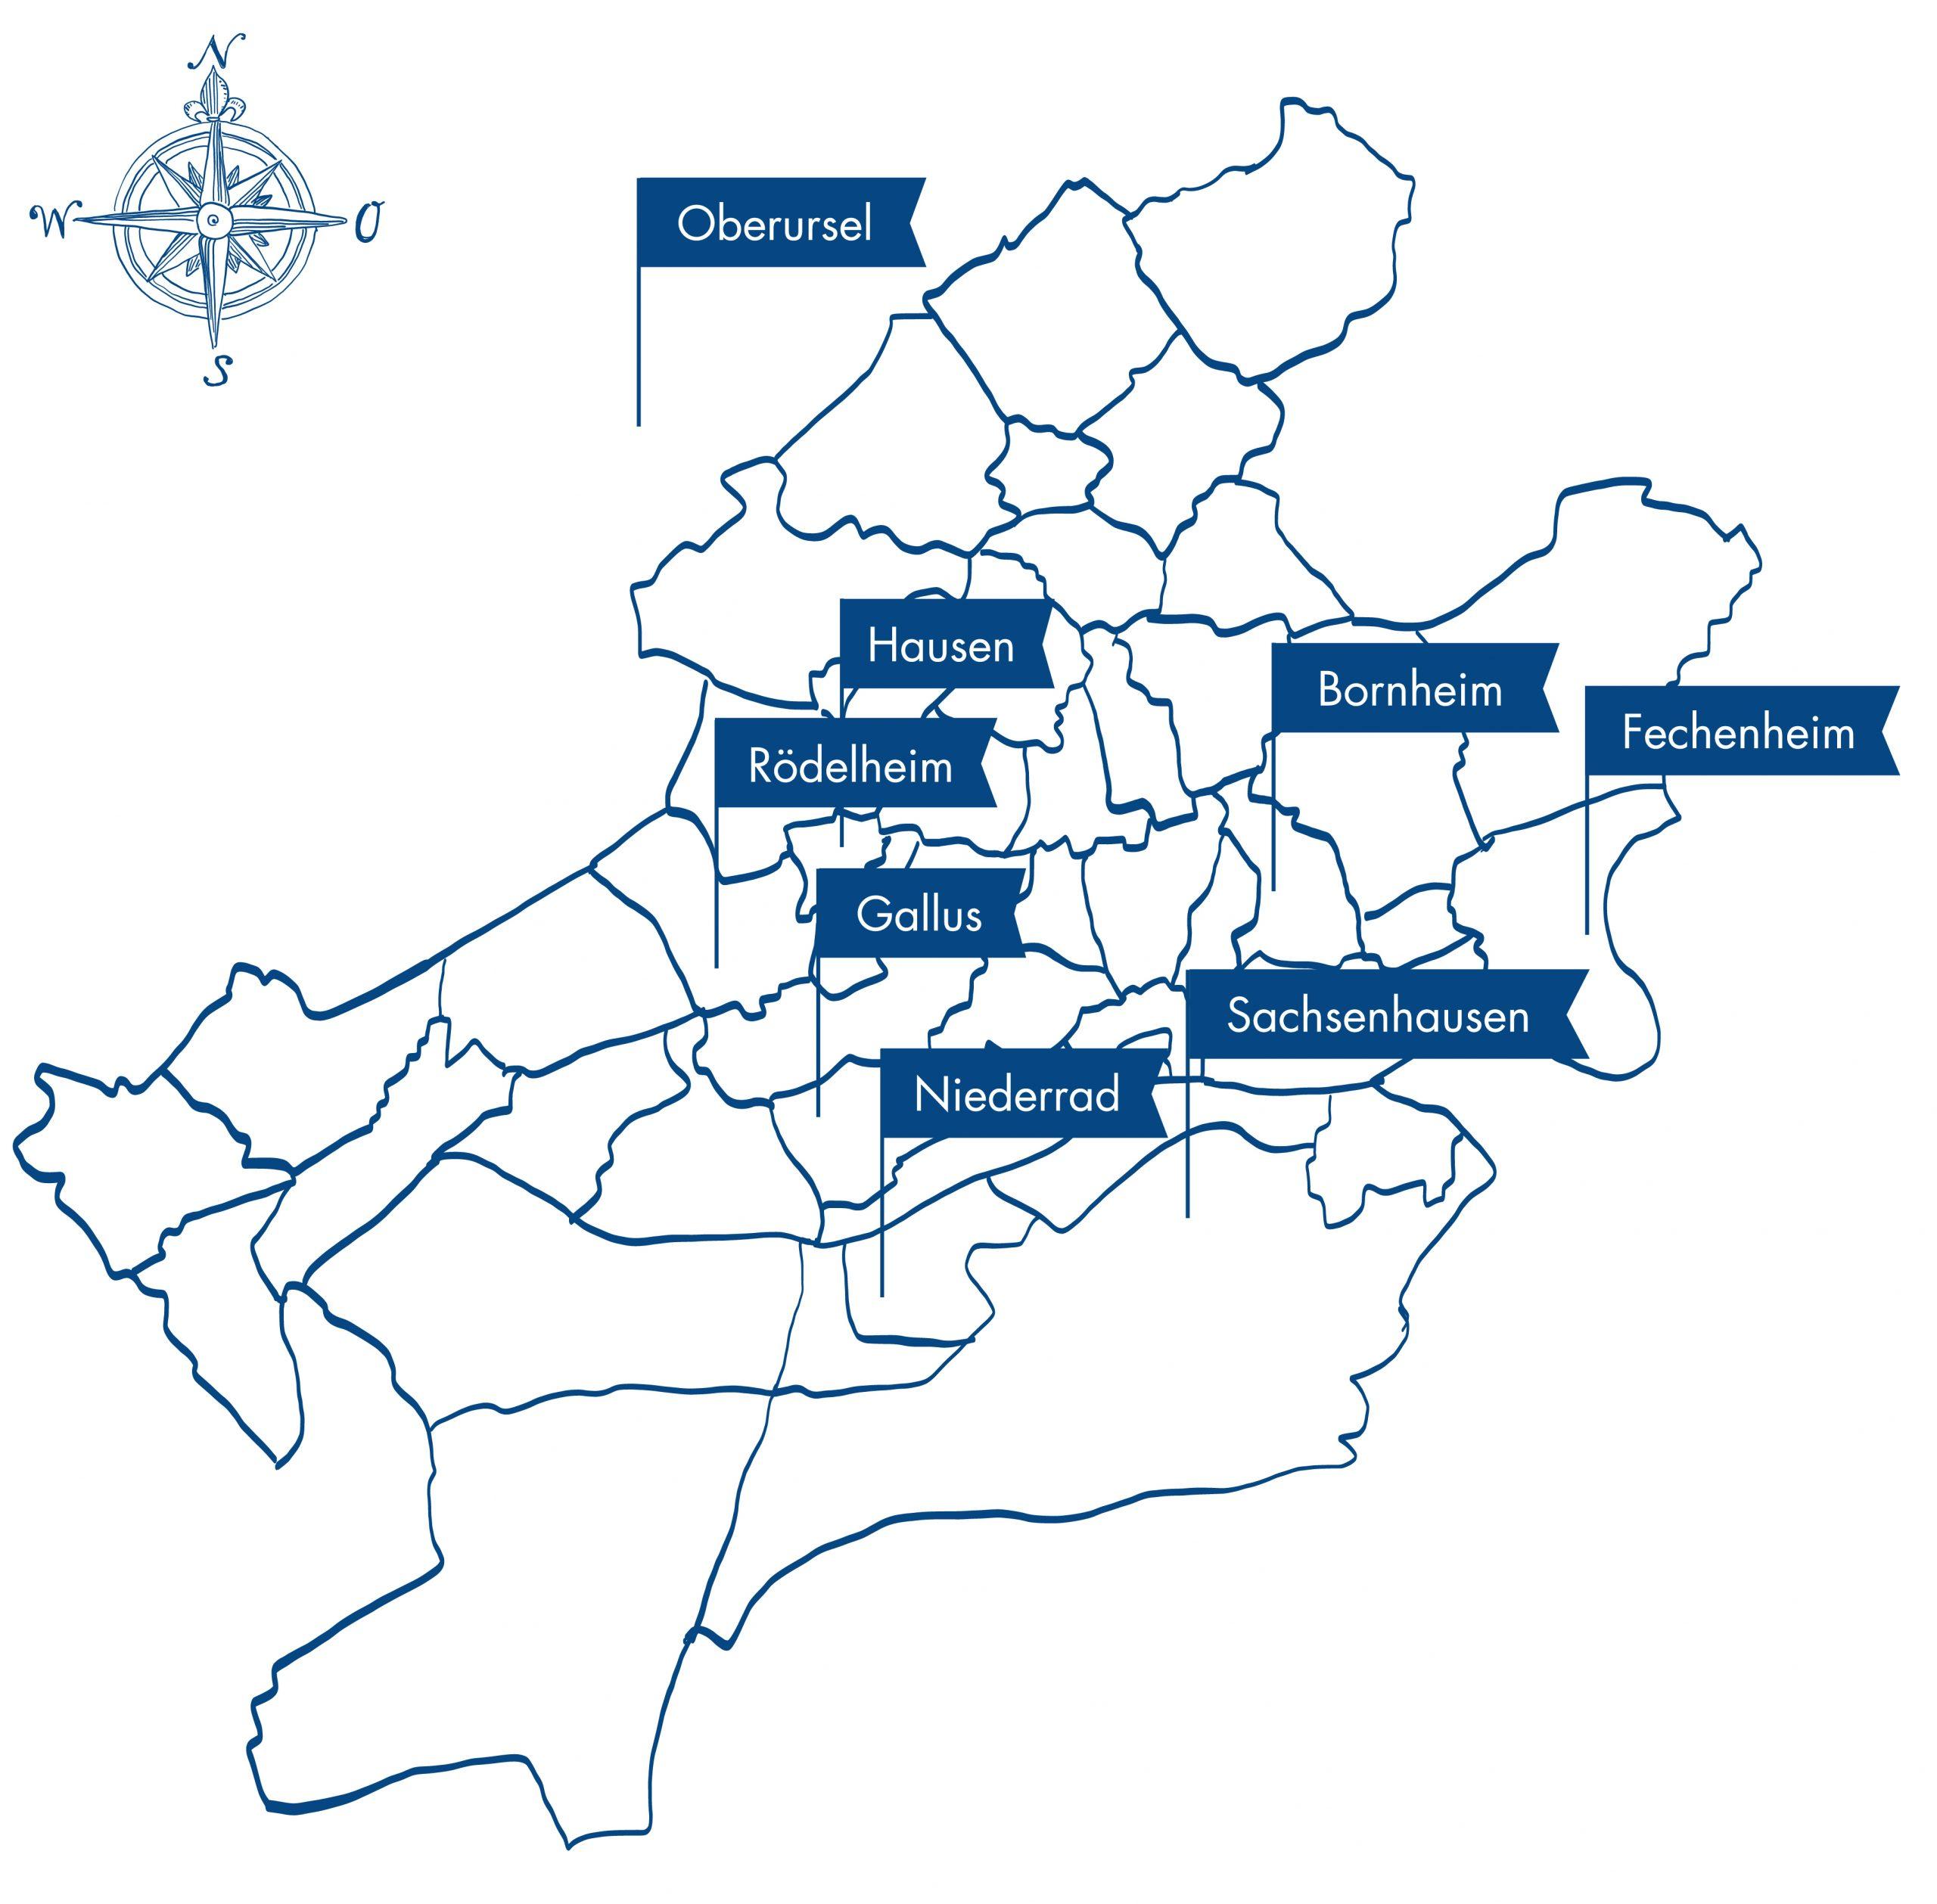 gezeichnete Karte mit allen Standorten der Therapielotsen in Frankfurt a.M.